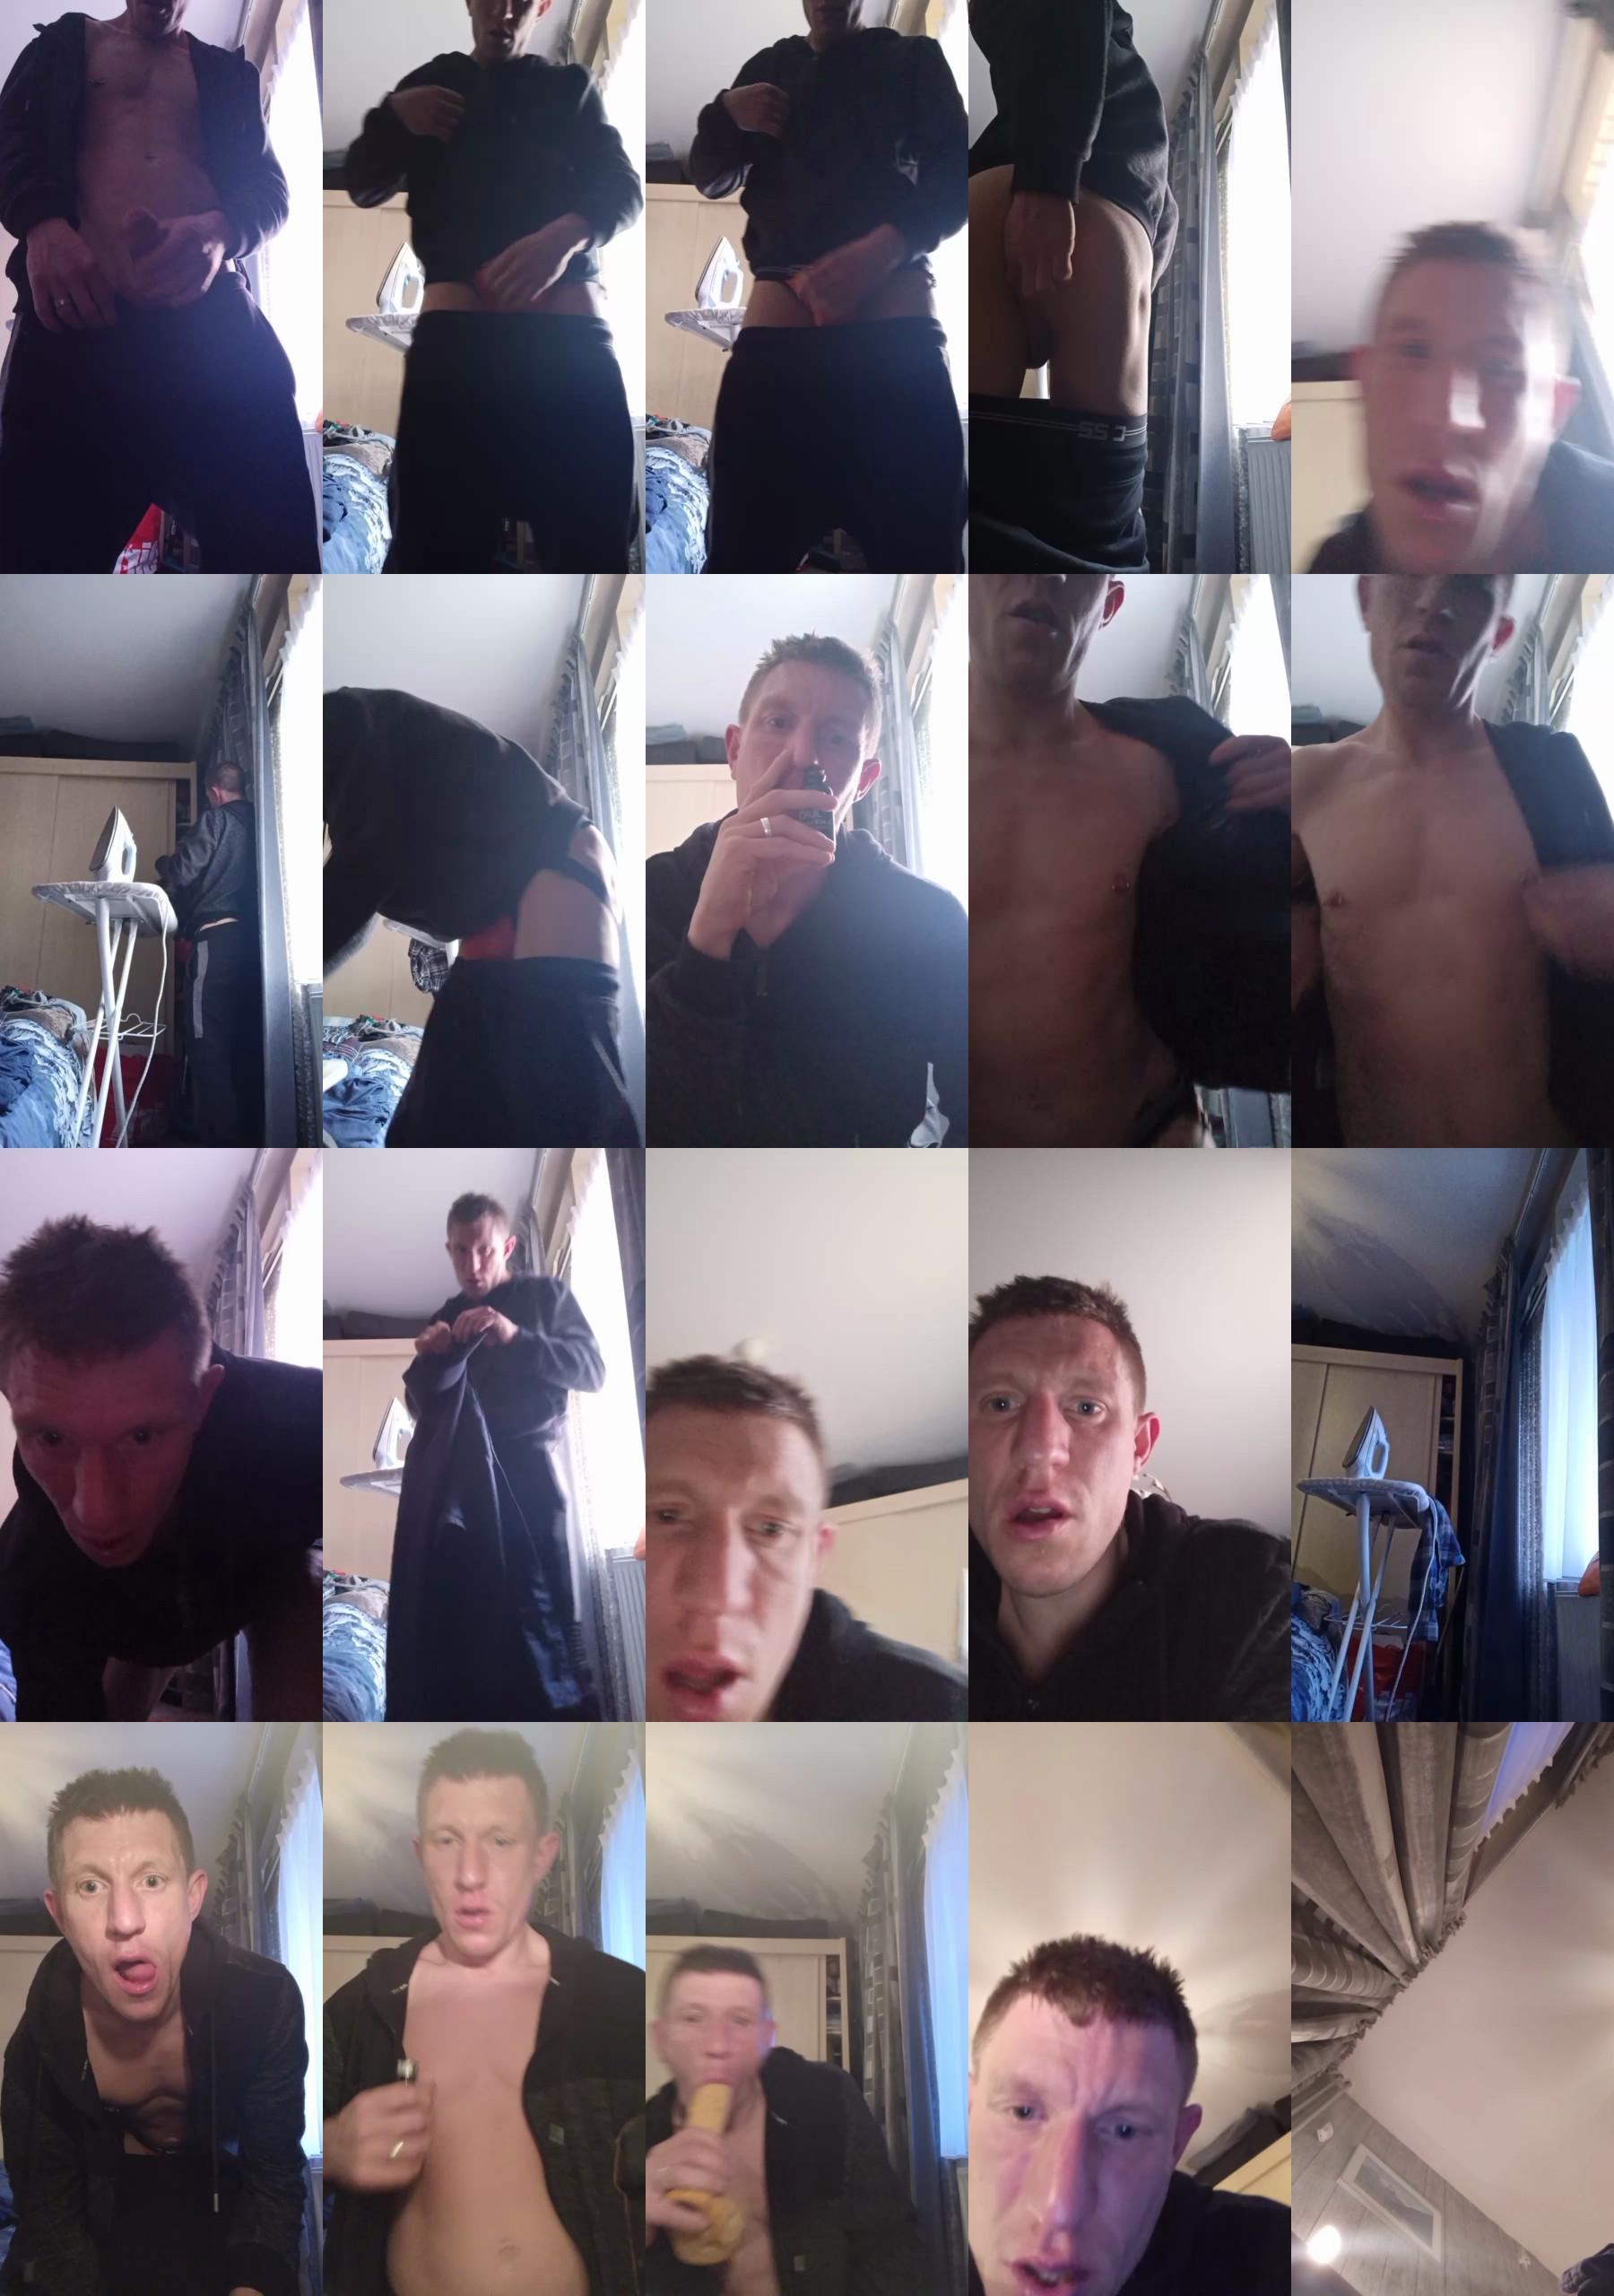 Slavefortatoo Cam4 14-04-2021 Recorded Video Cam